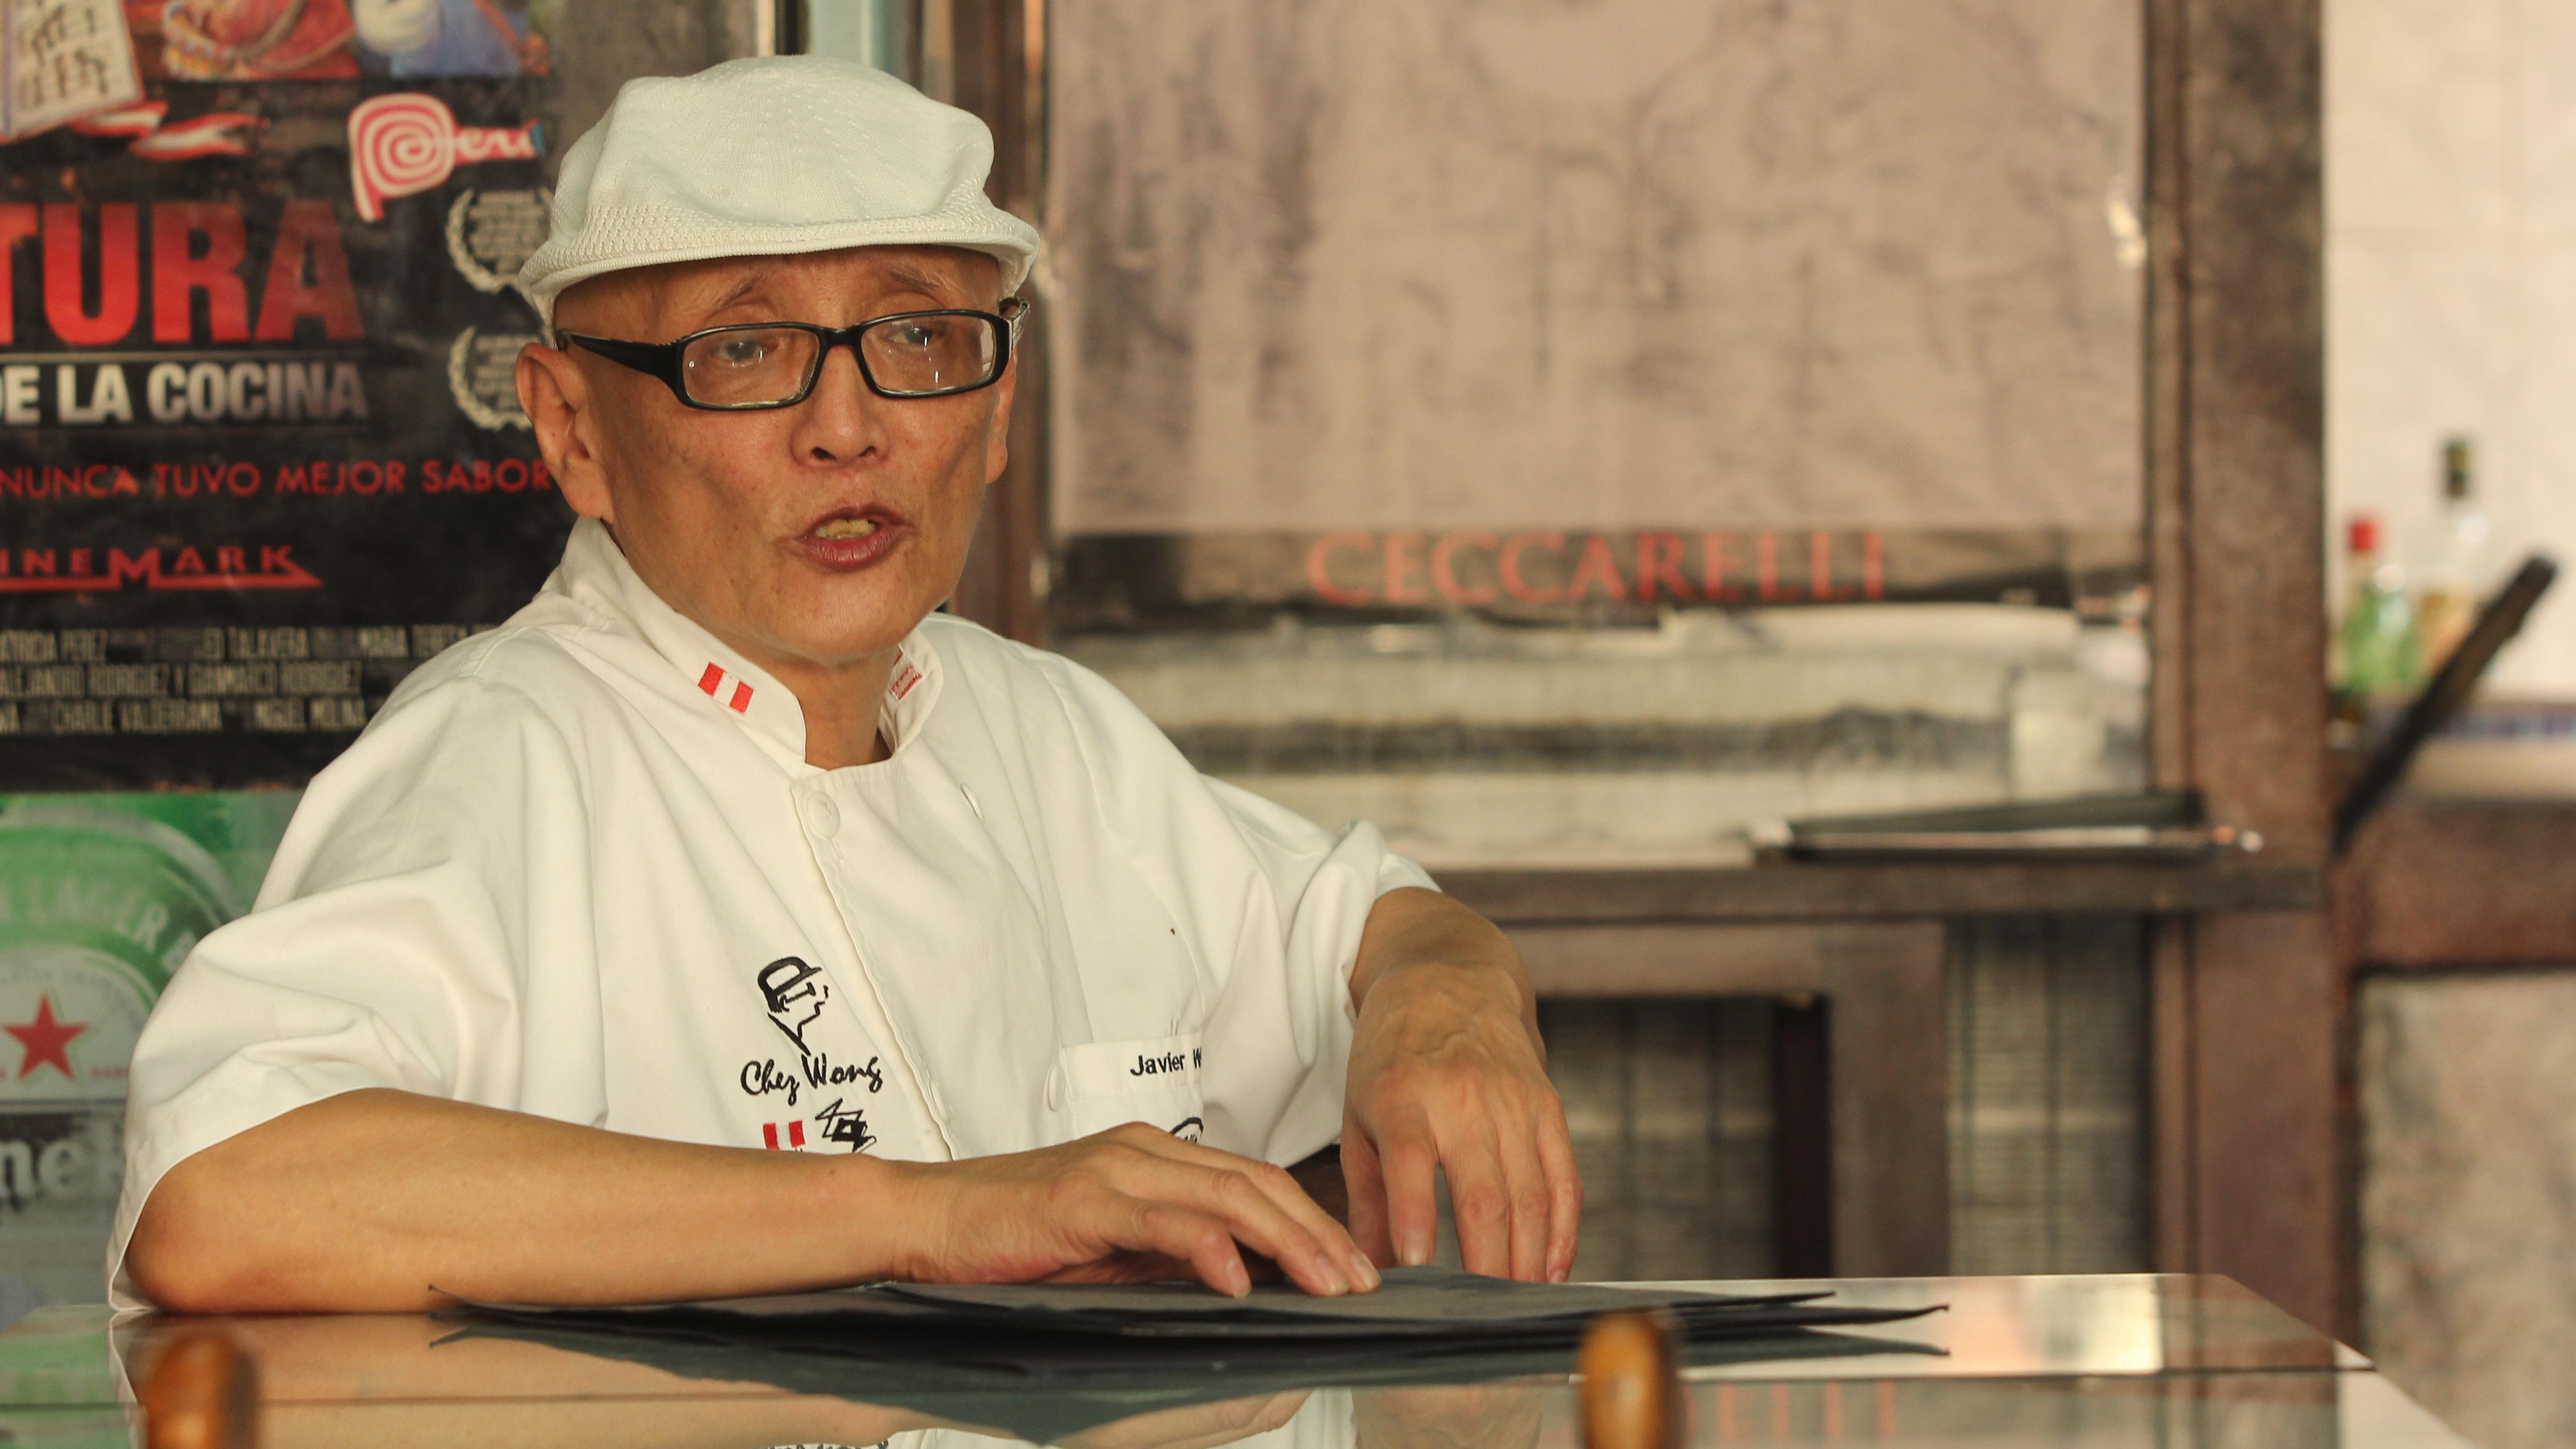 Aunque no lo celebra, Wong conoce muy bien la tradición del año Nuevo Chino. En este video la explica.